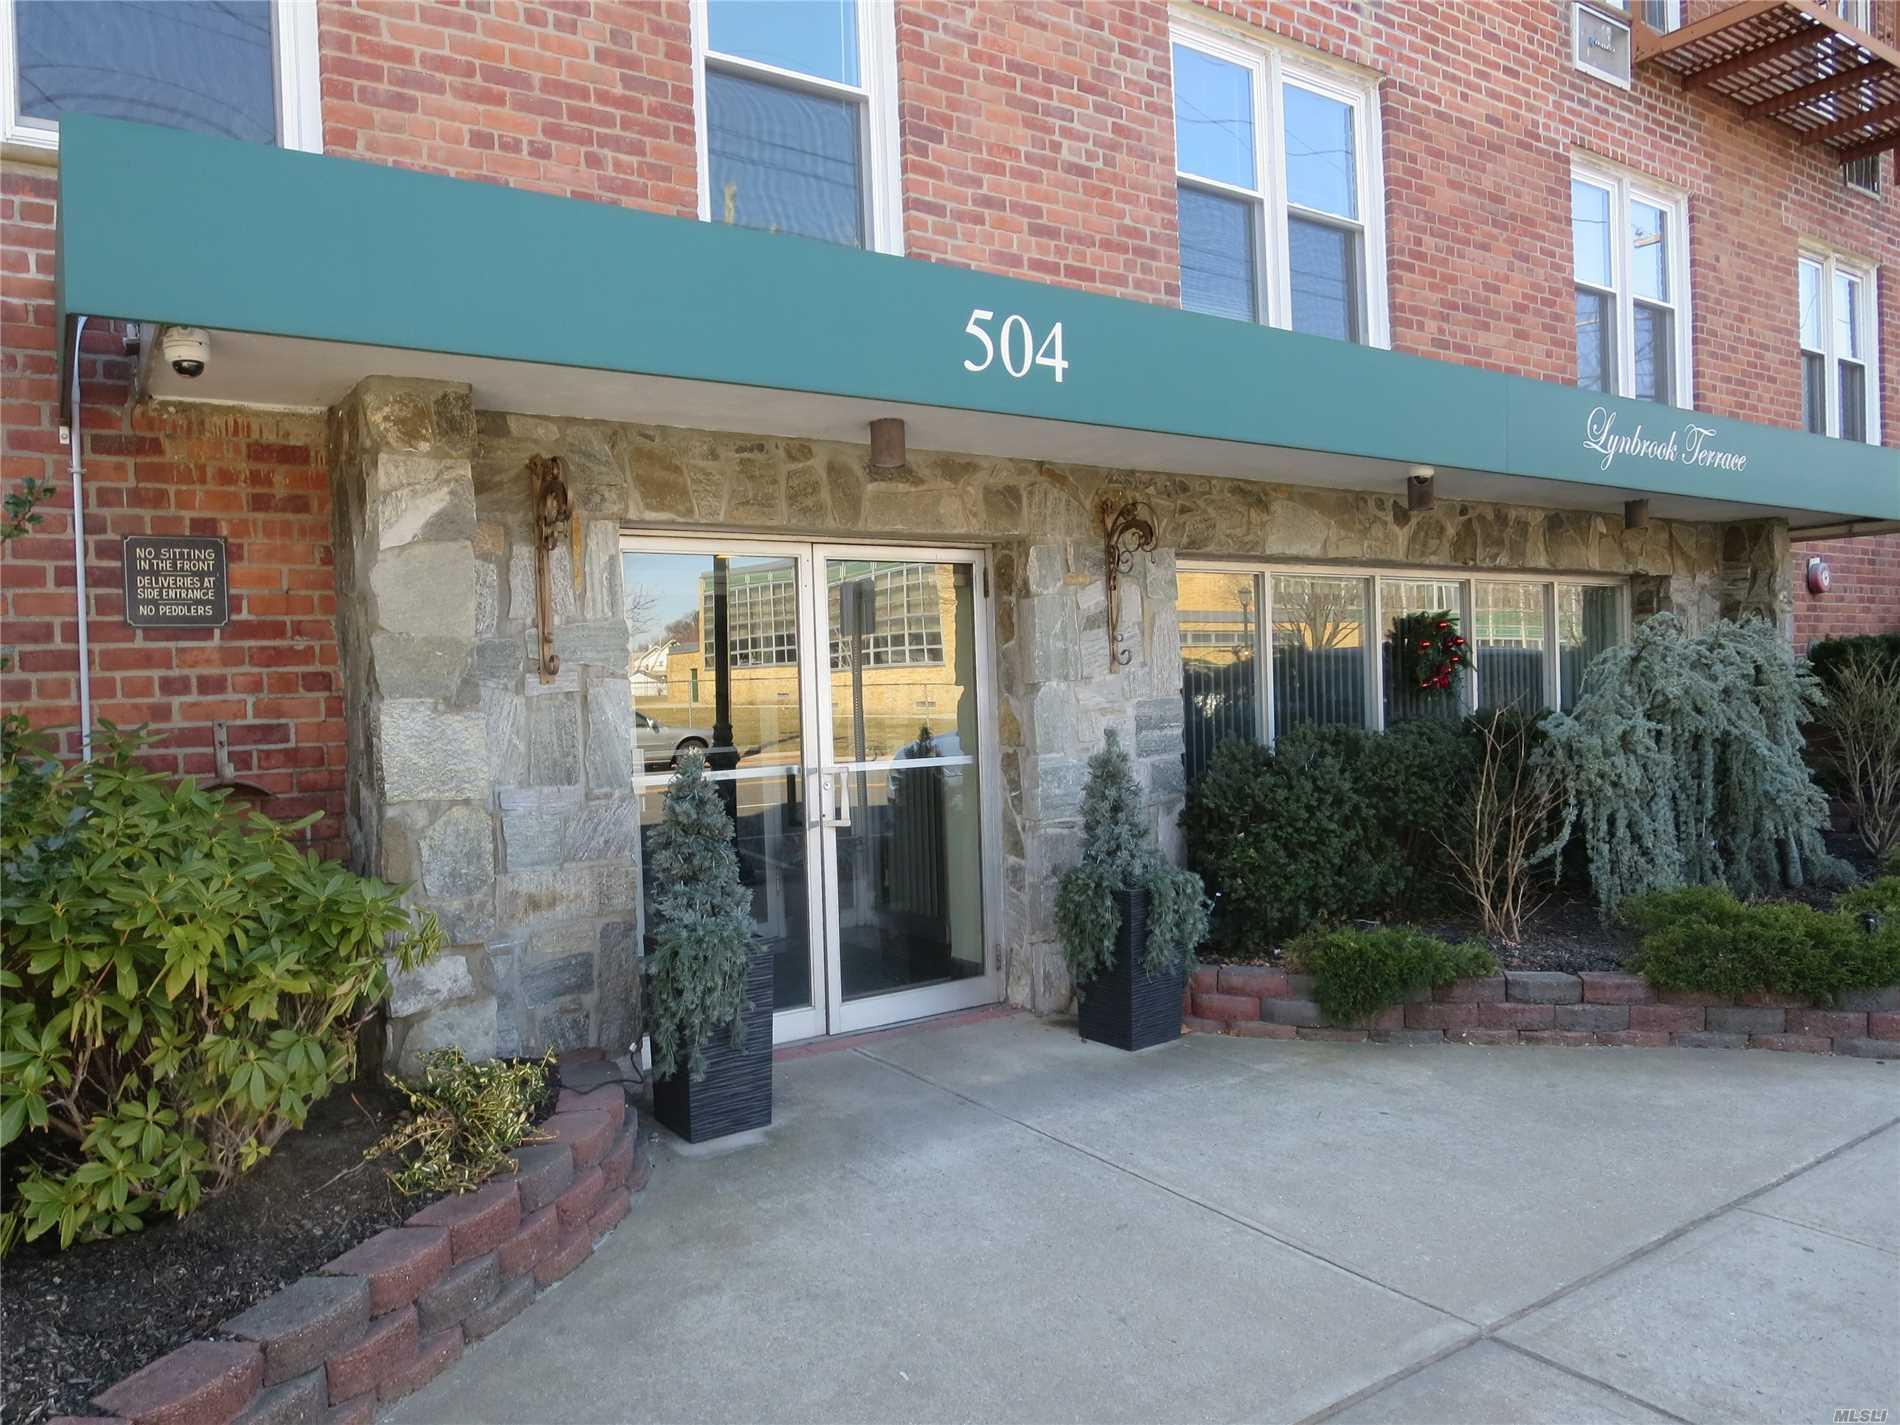 504 Merrick Rd, 3A - Lynbrook, New York